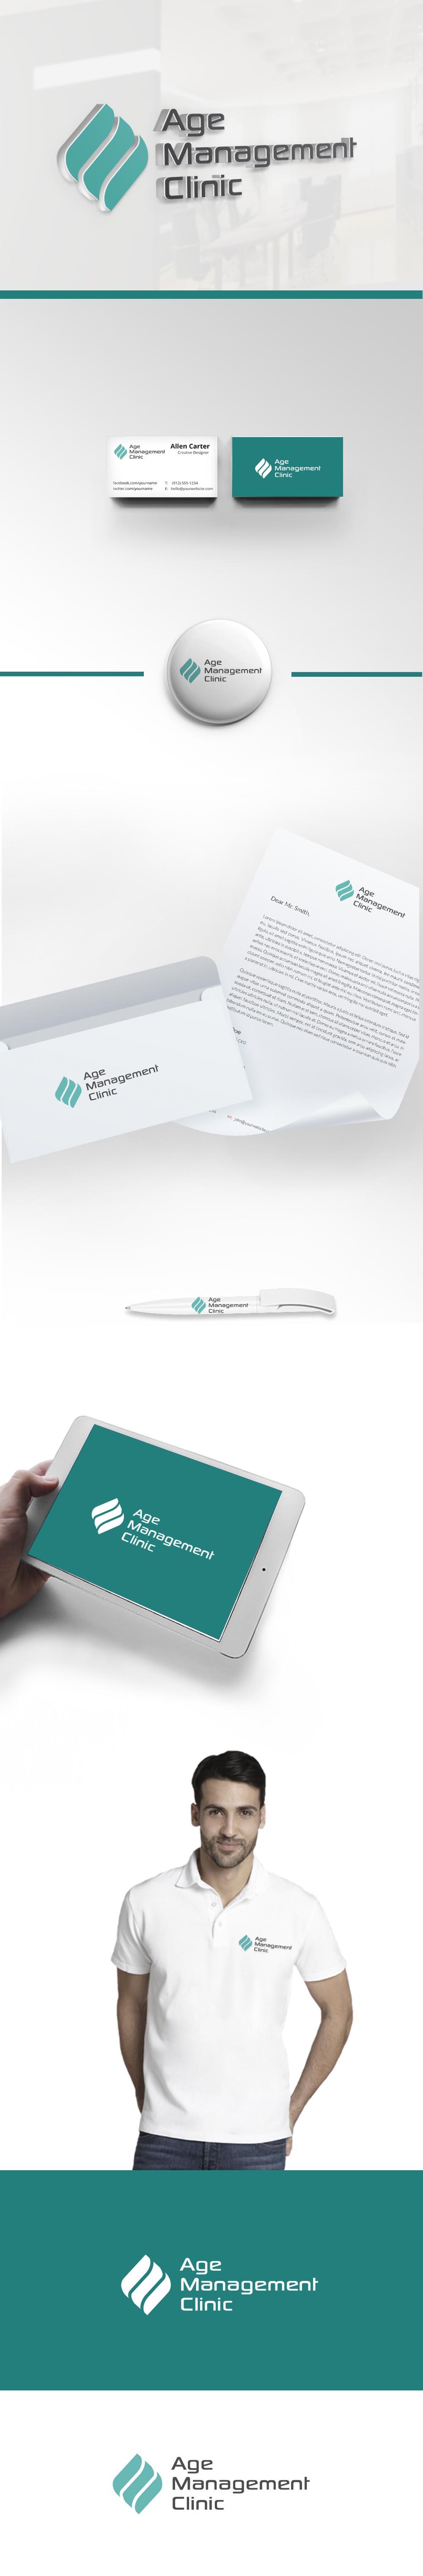 Логотип для медицинского центра (клиники)  фото f_2945ba0069e56b3c.jpg